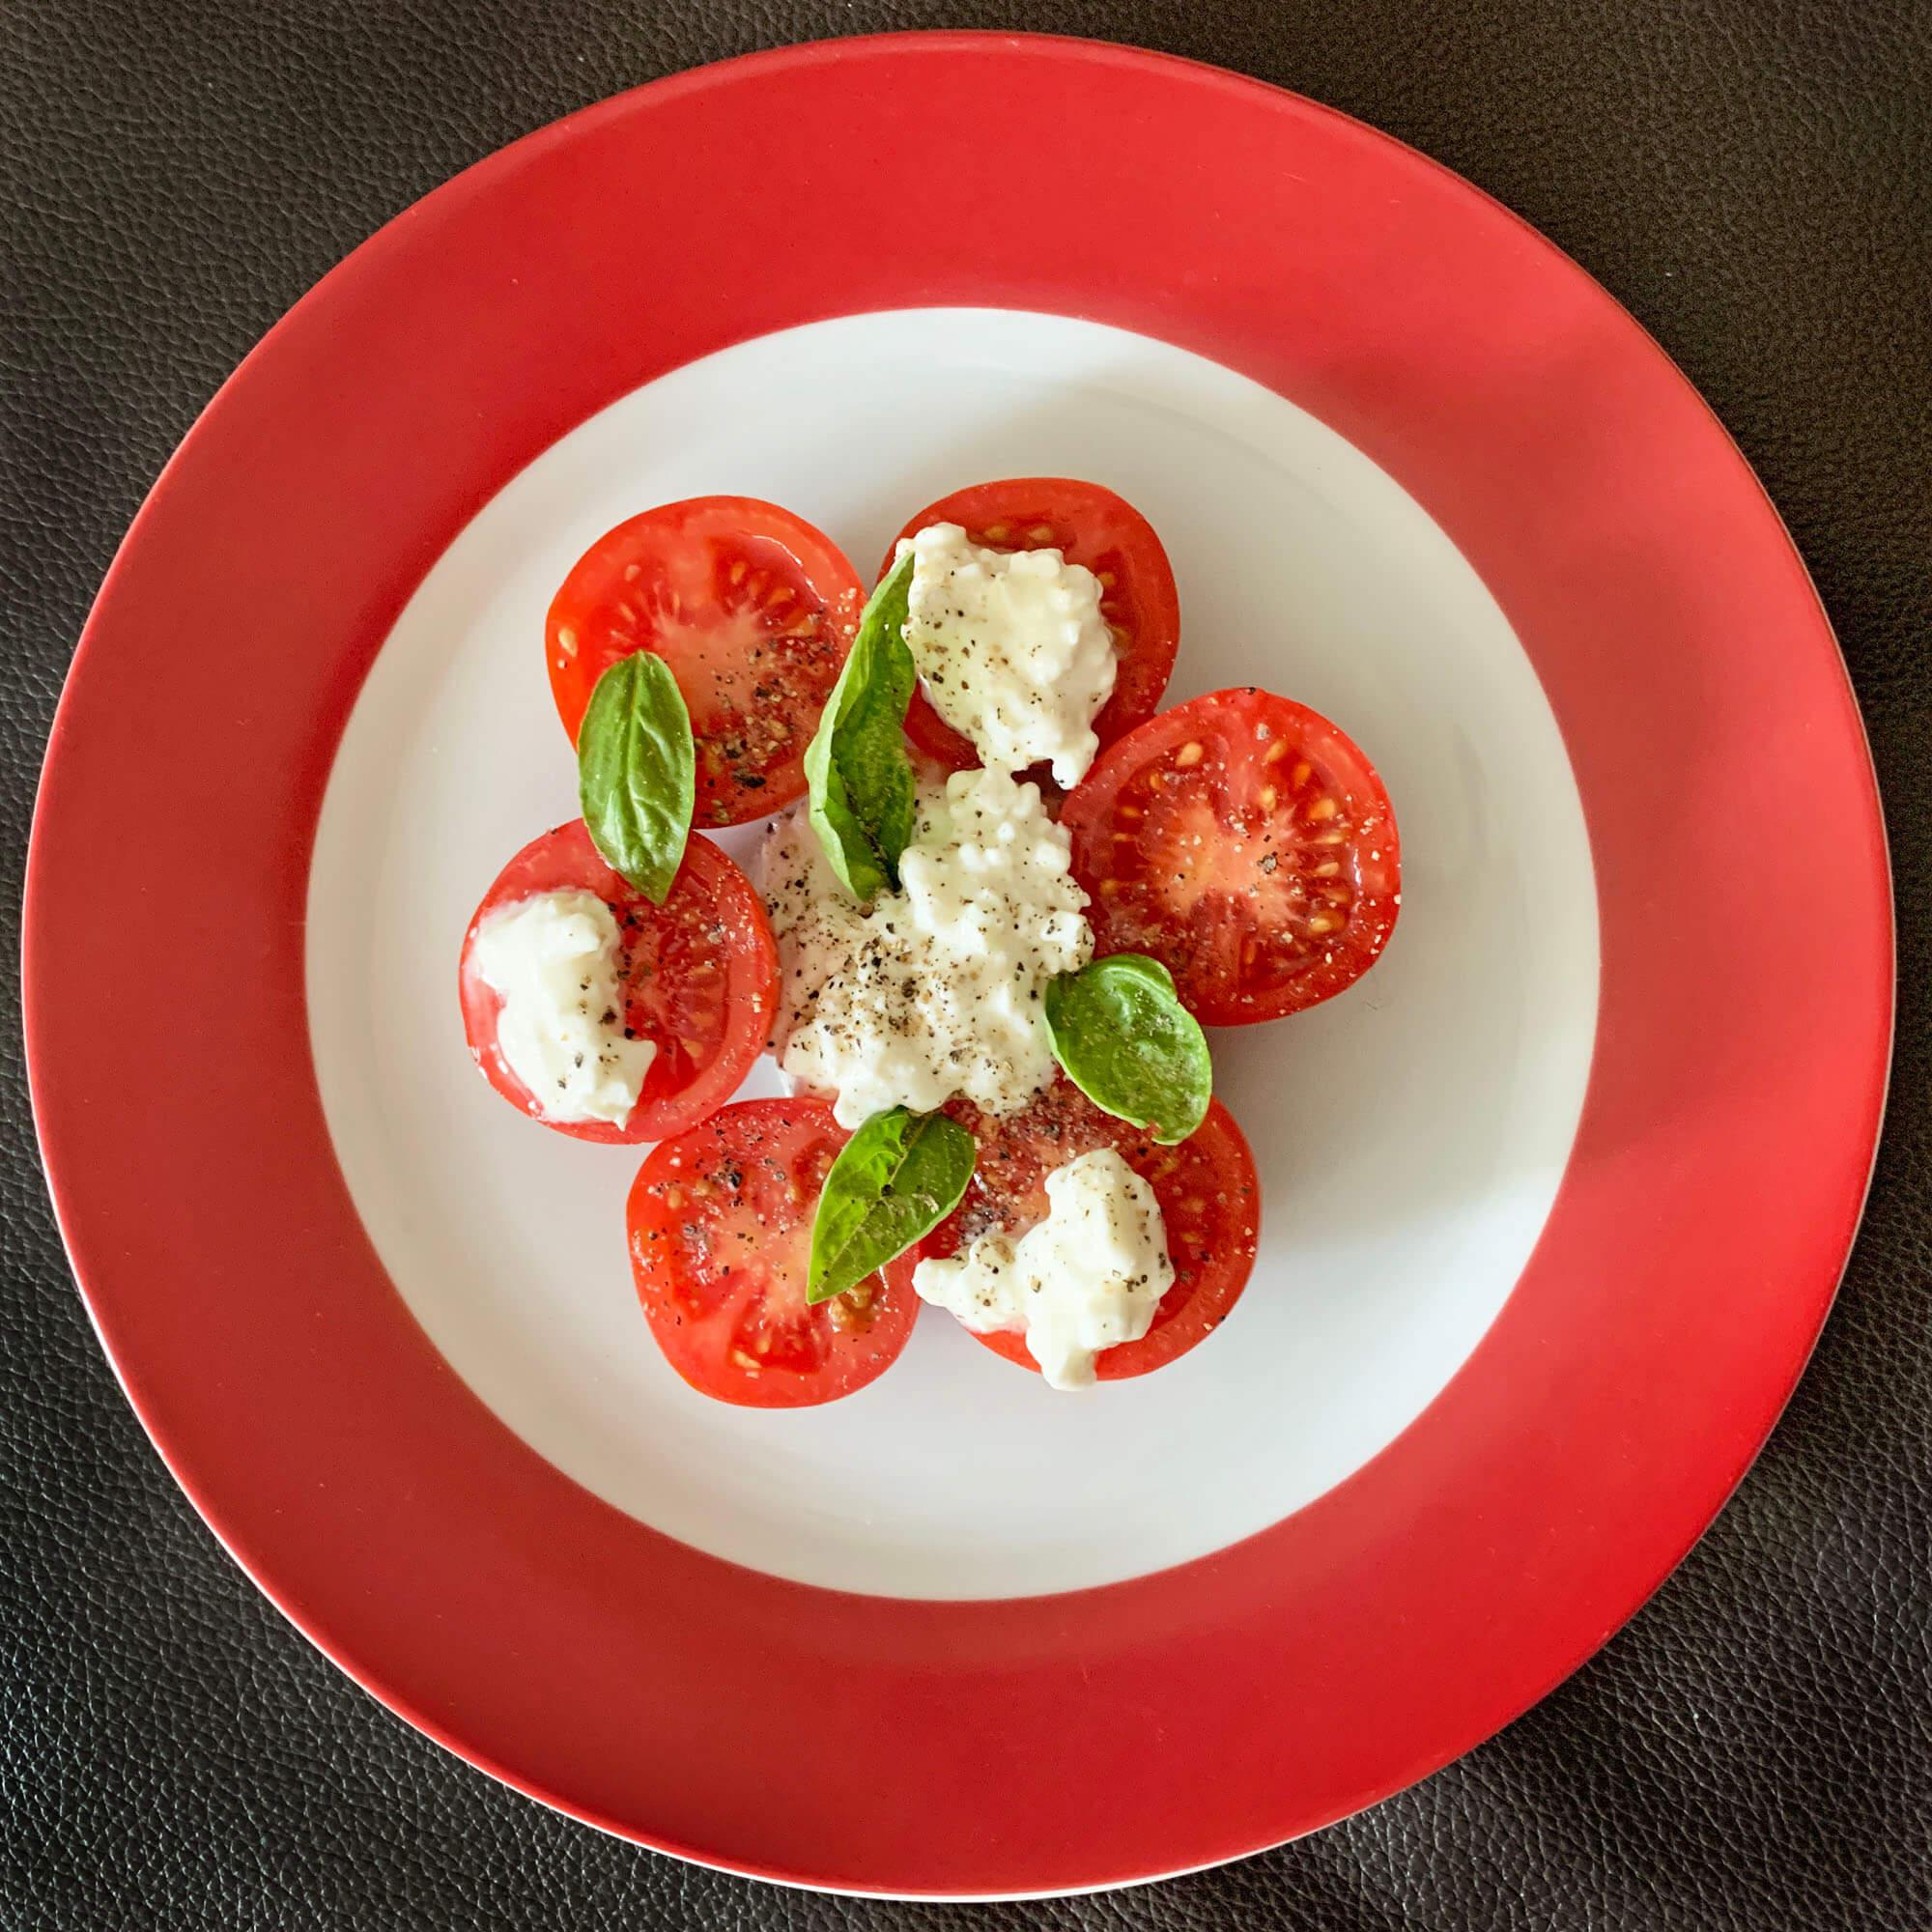 32 Tomate-Frischkäse-Basilikum (anonym) #tagdernachbarn